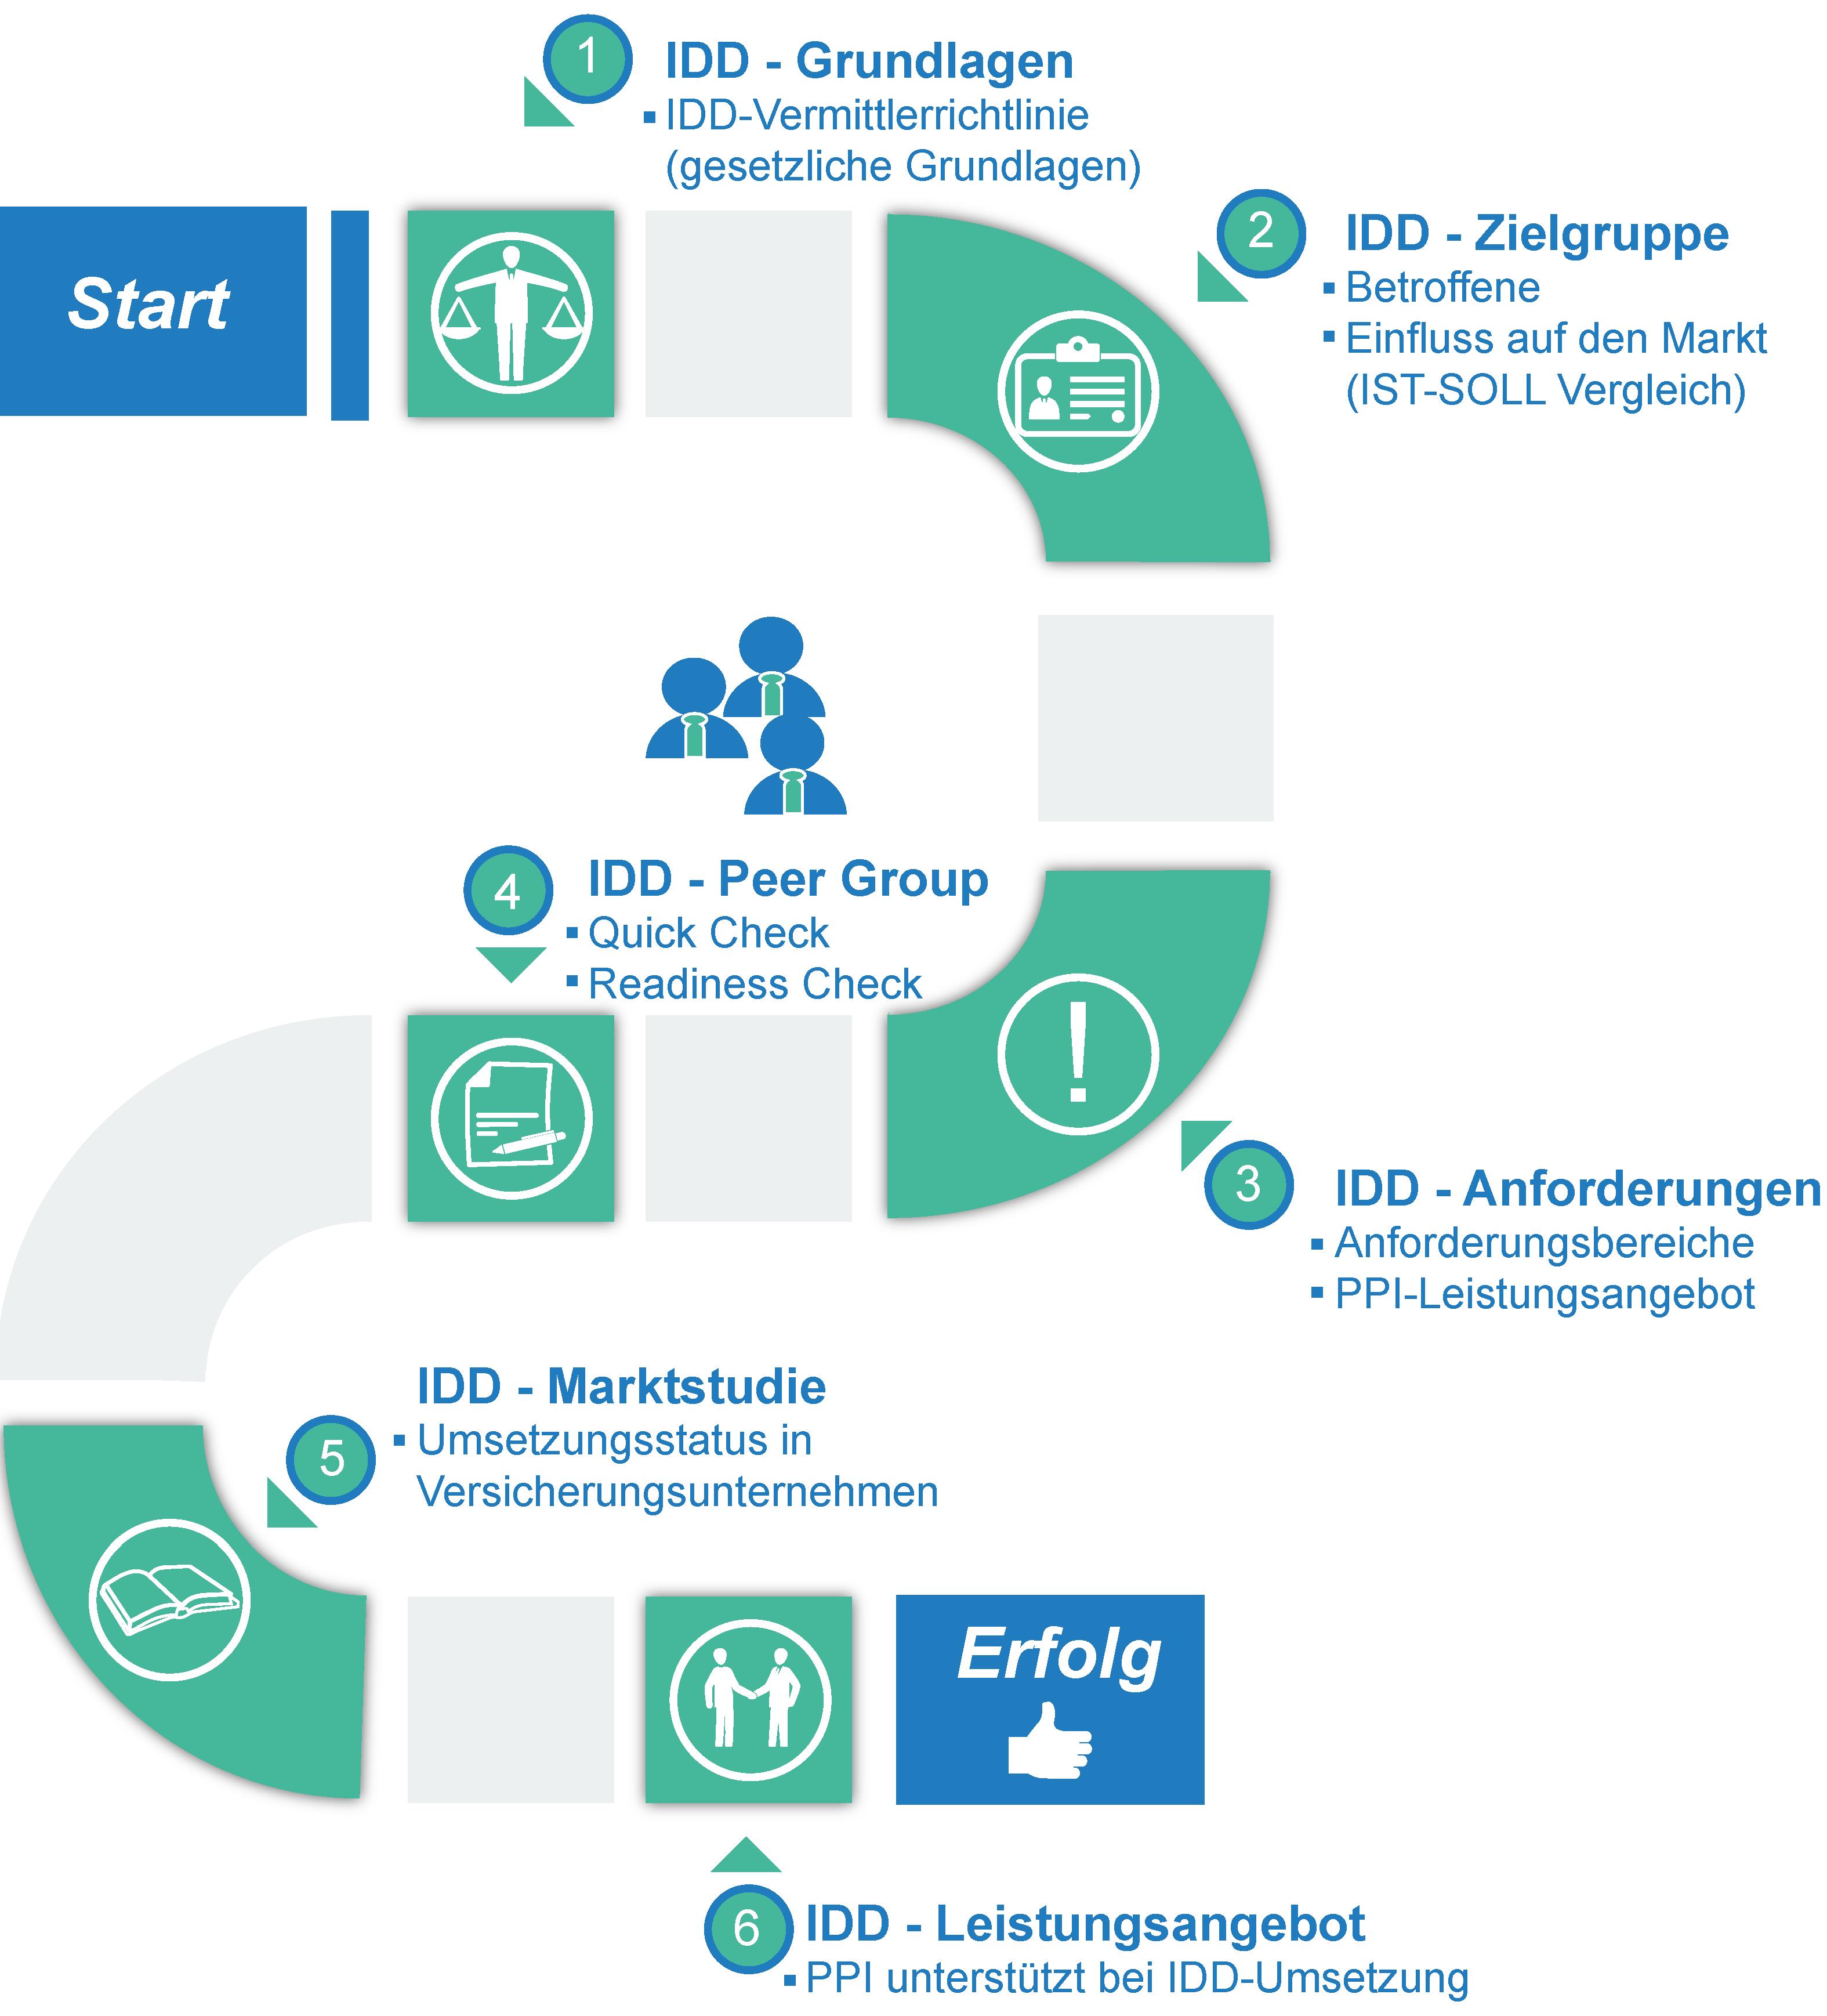 PPI Aktiengesellschaft: Vermittlerrichtlinie IDD (IMD2)